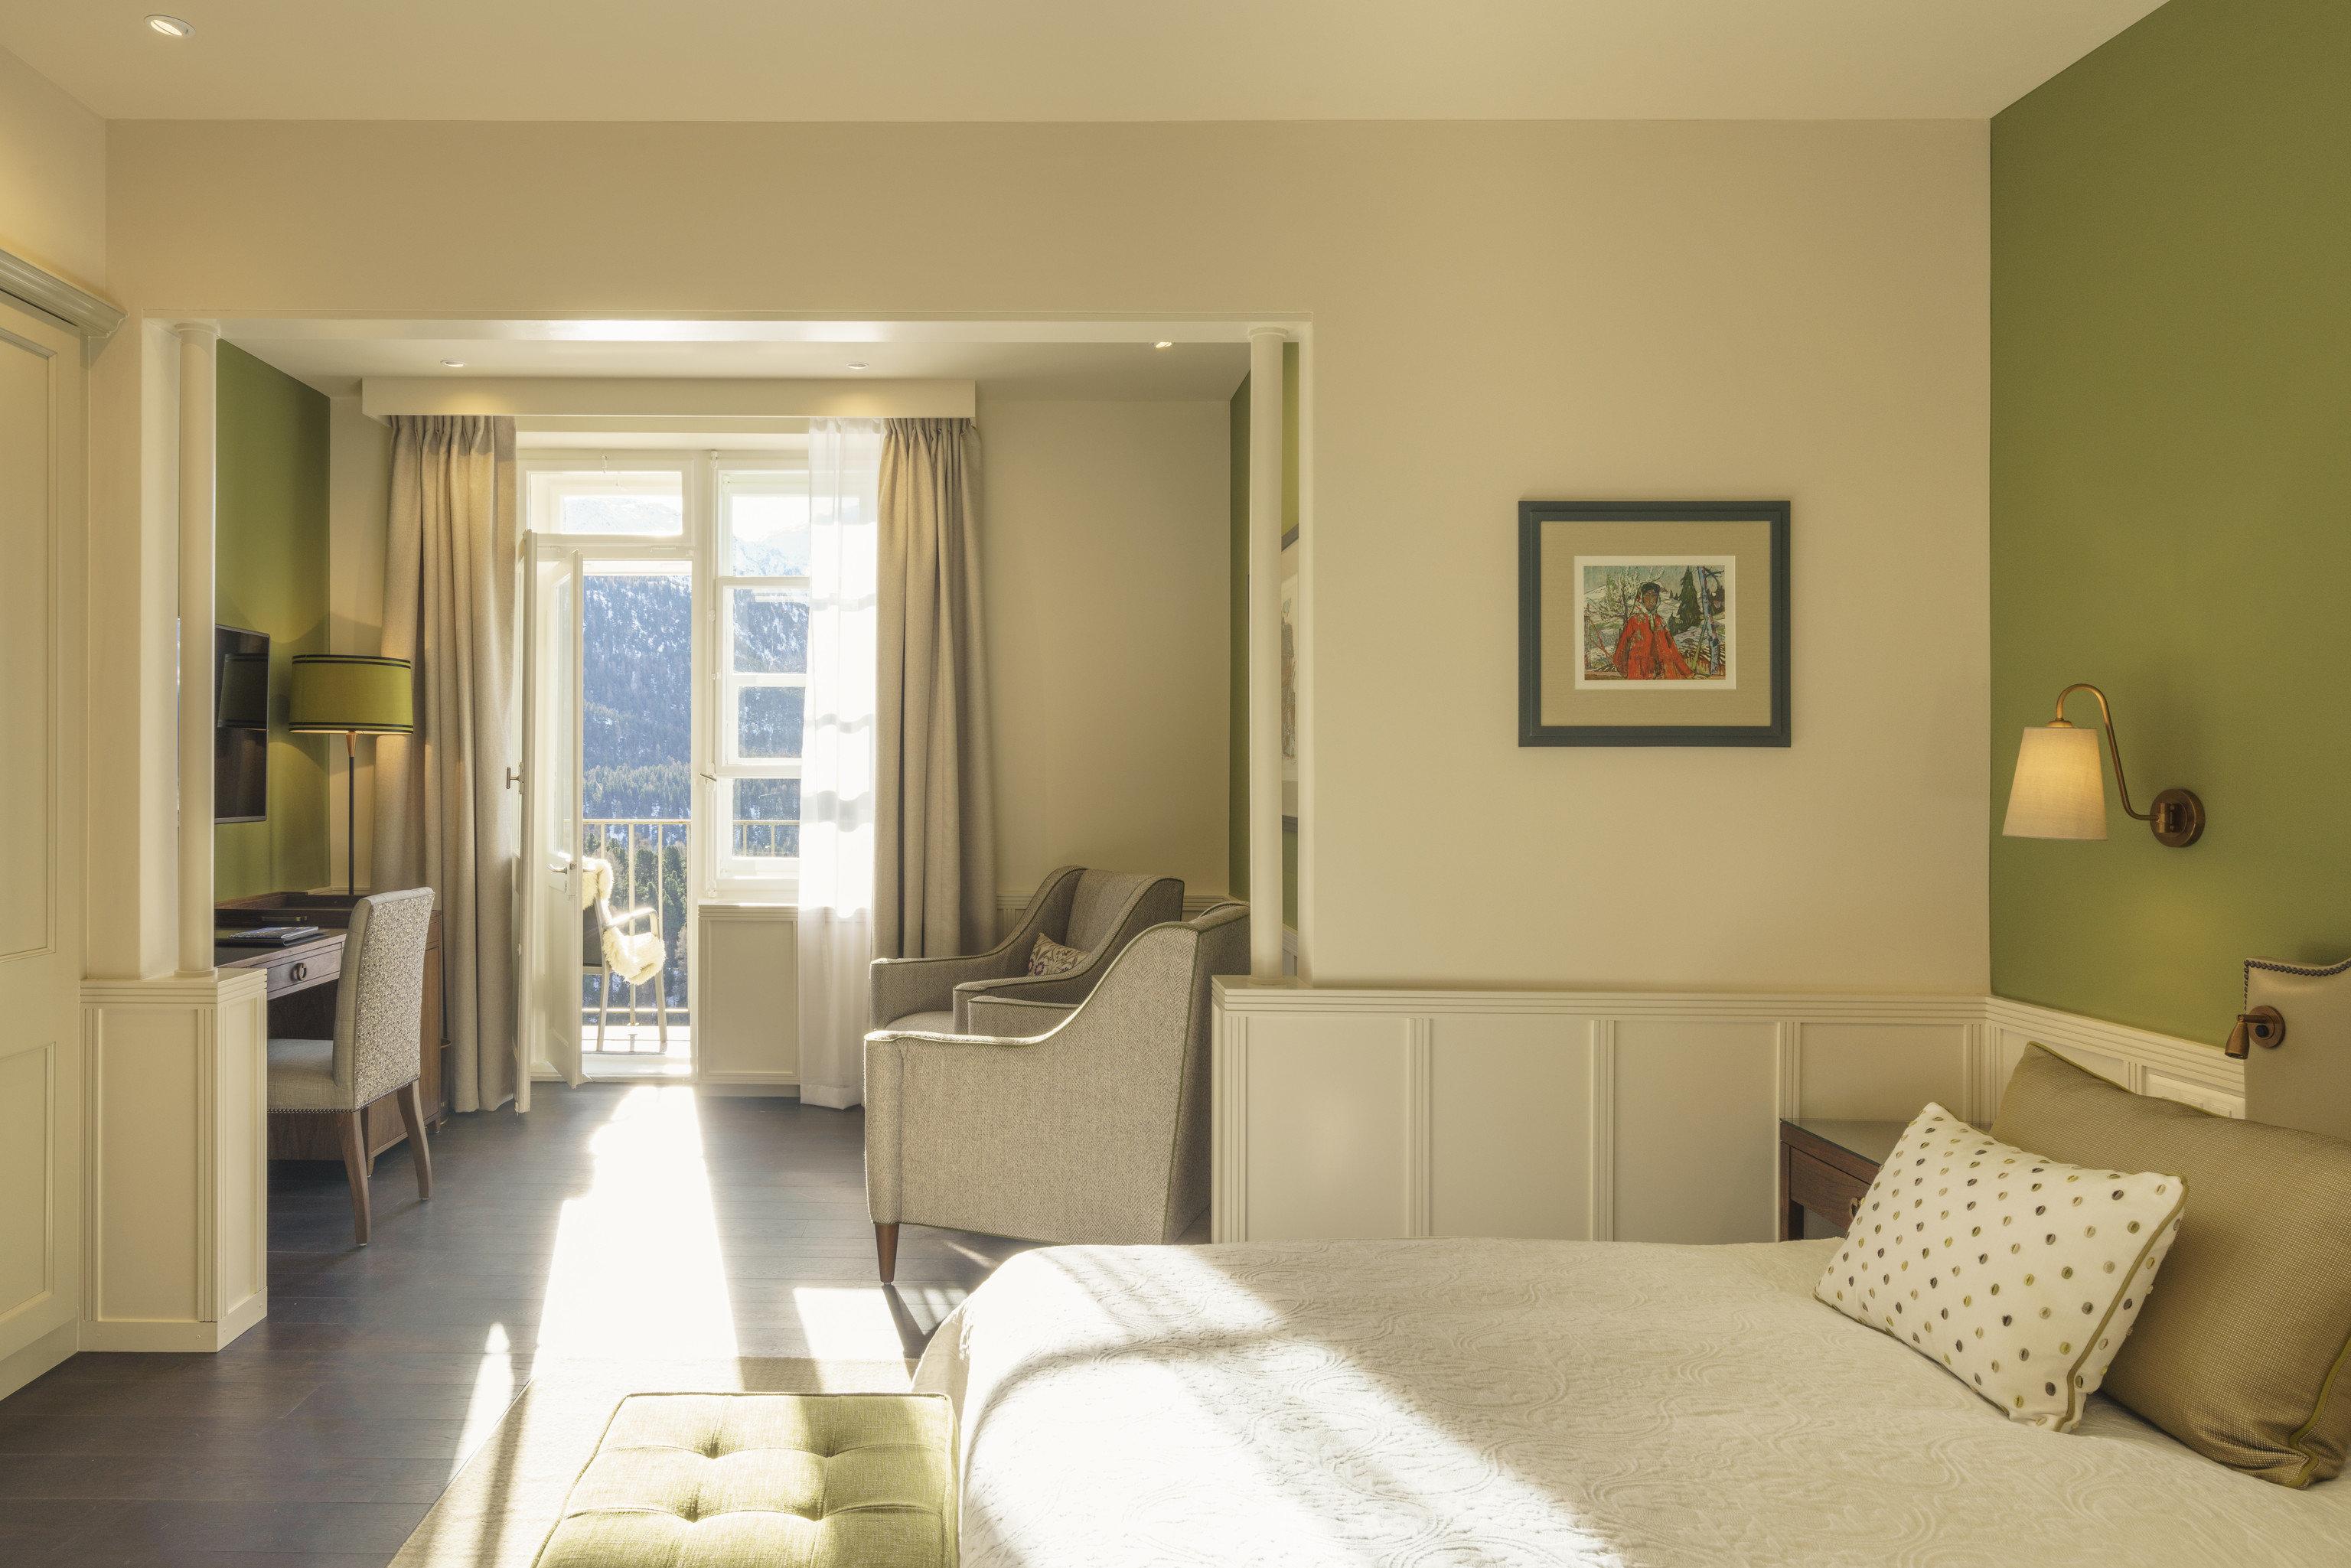 living room home Suite door Bedroom interior designer window treatment flooring